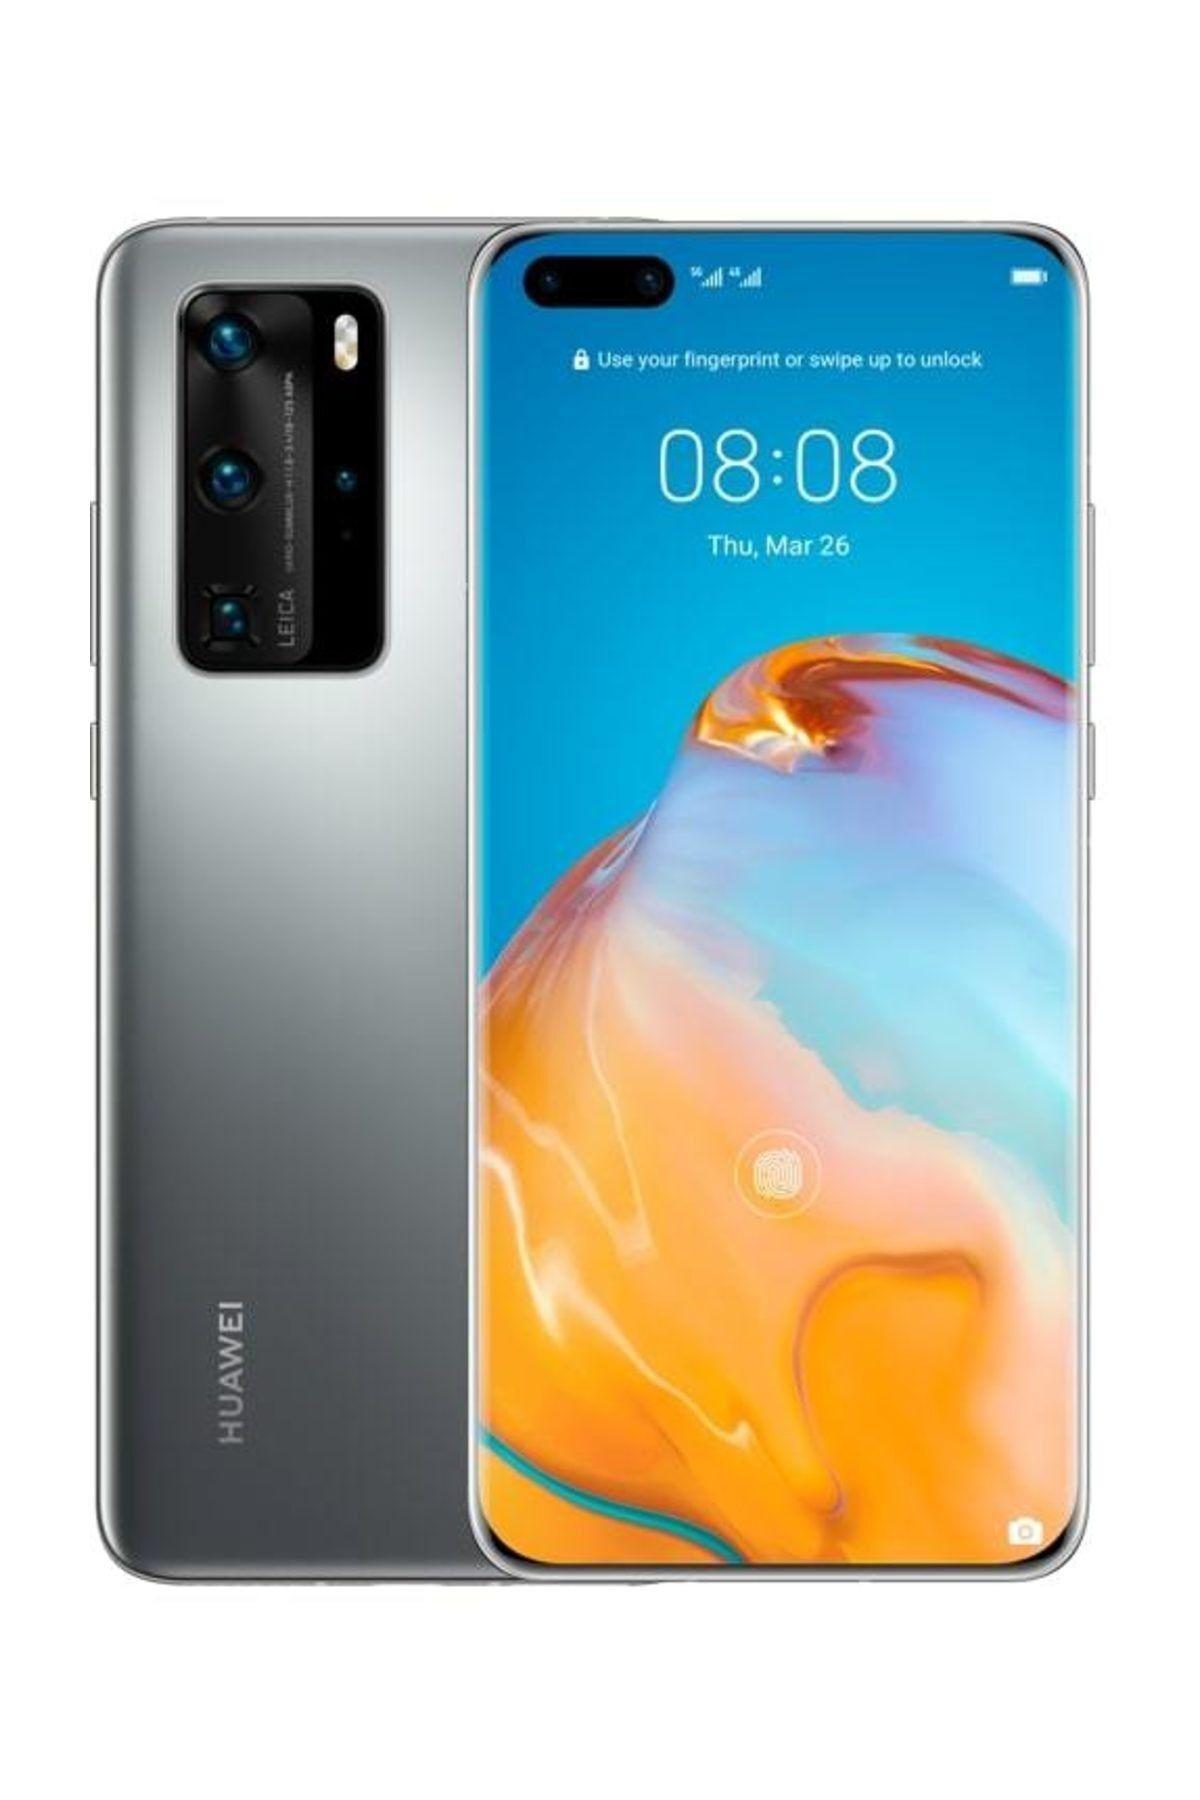 İndirime giren Huawei modelleri! Bu fırsatlar kaçmaz! - Page 1